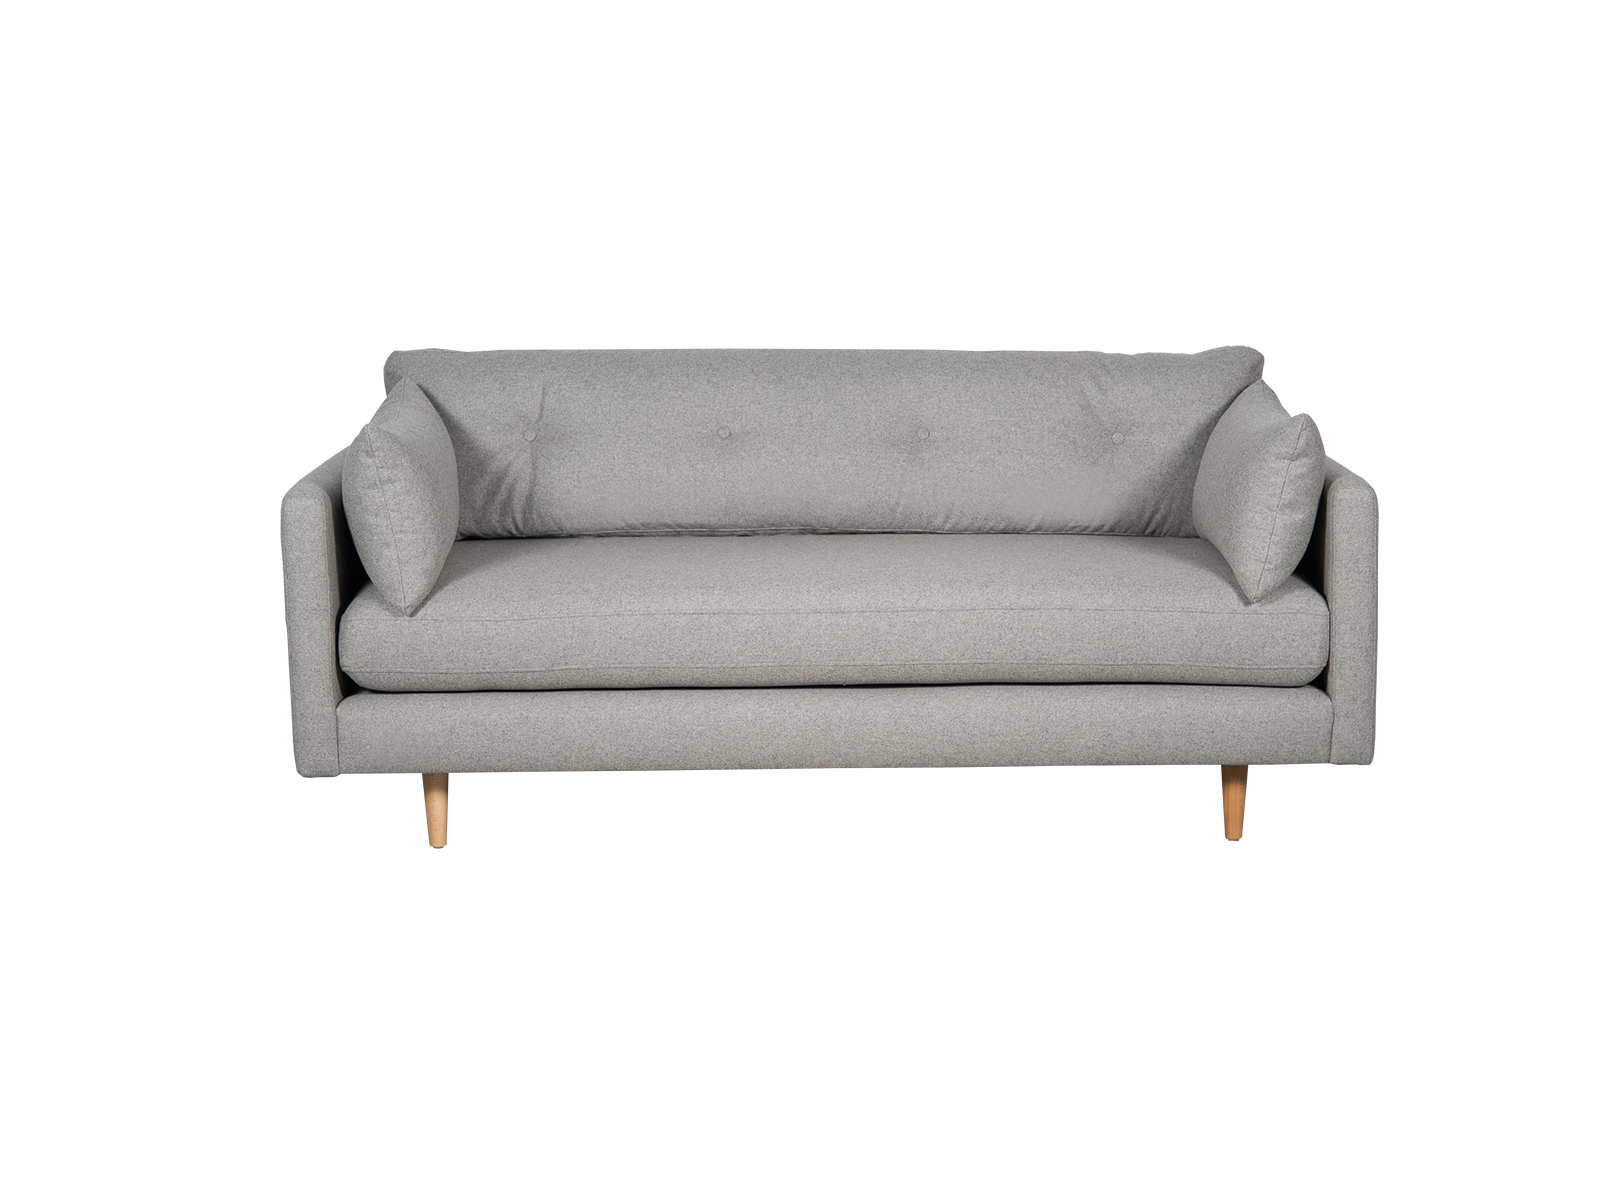 Canapea Fixa Gri Poza